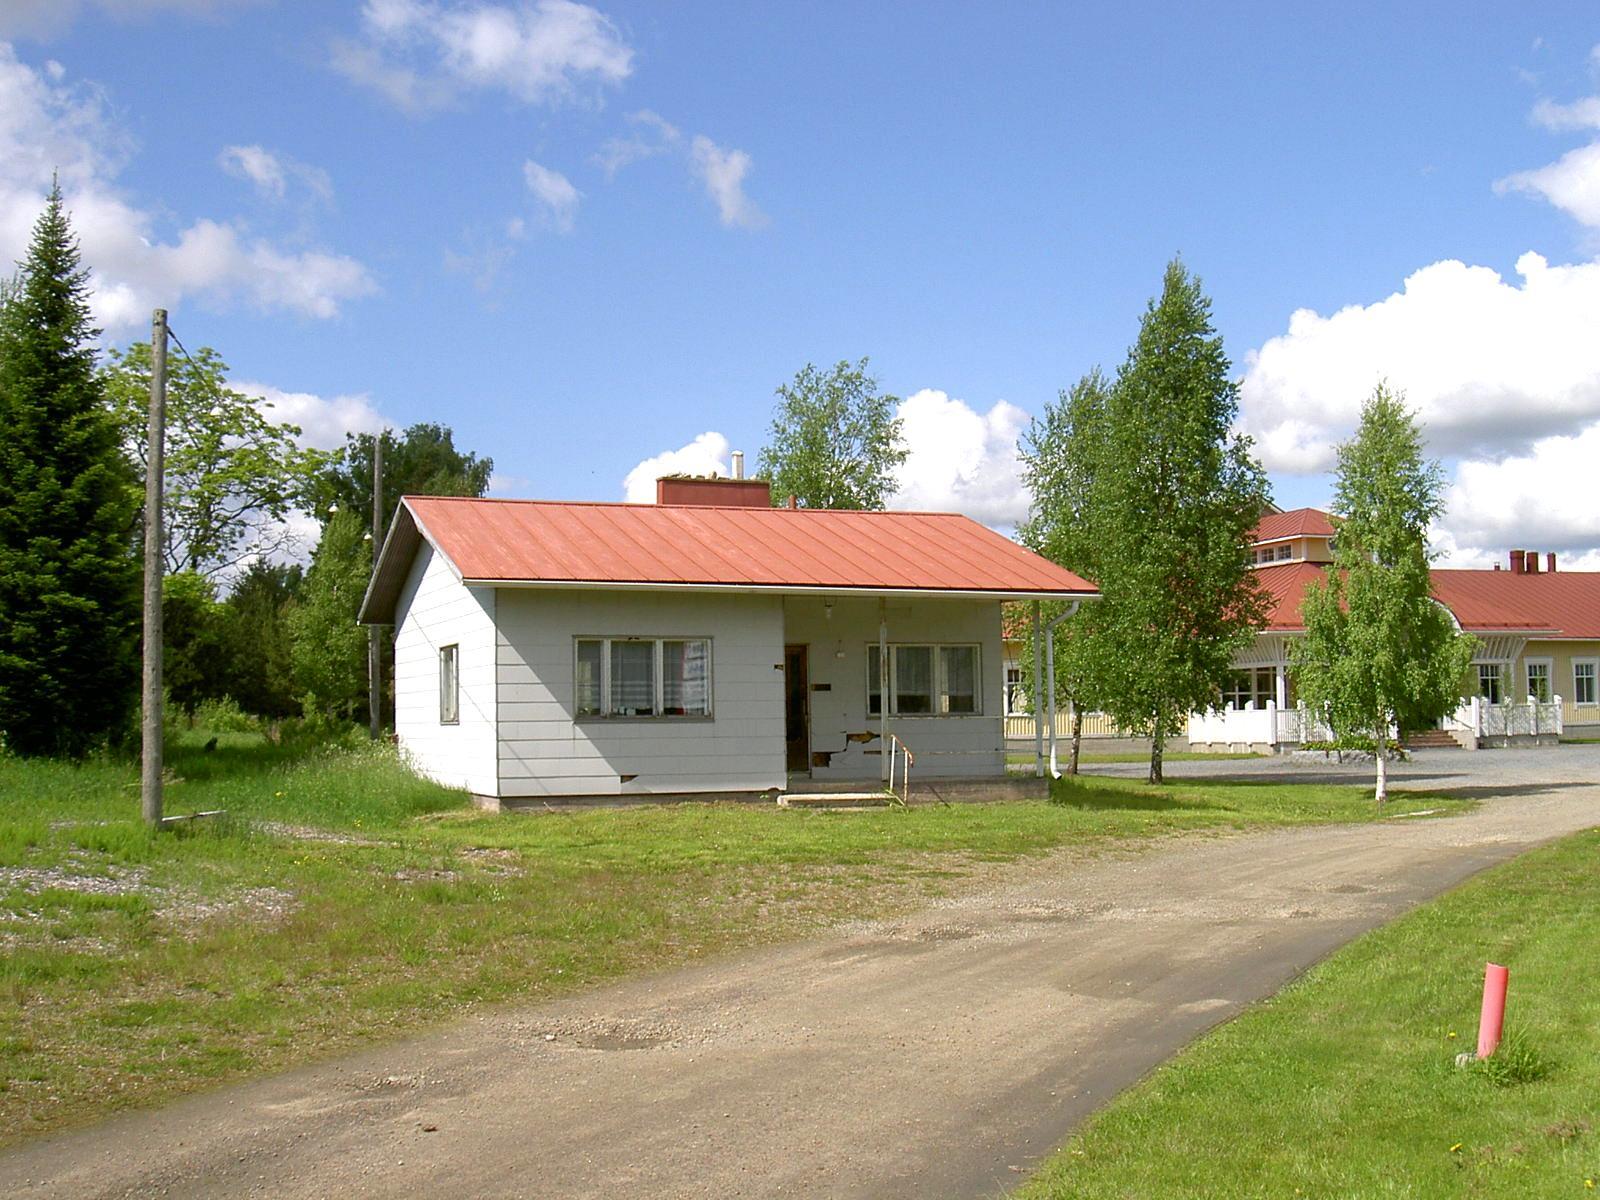 Huset fotograferat från söder år 2003.